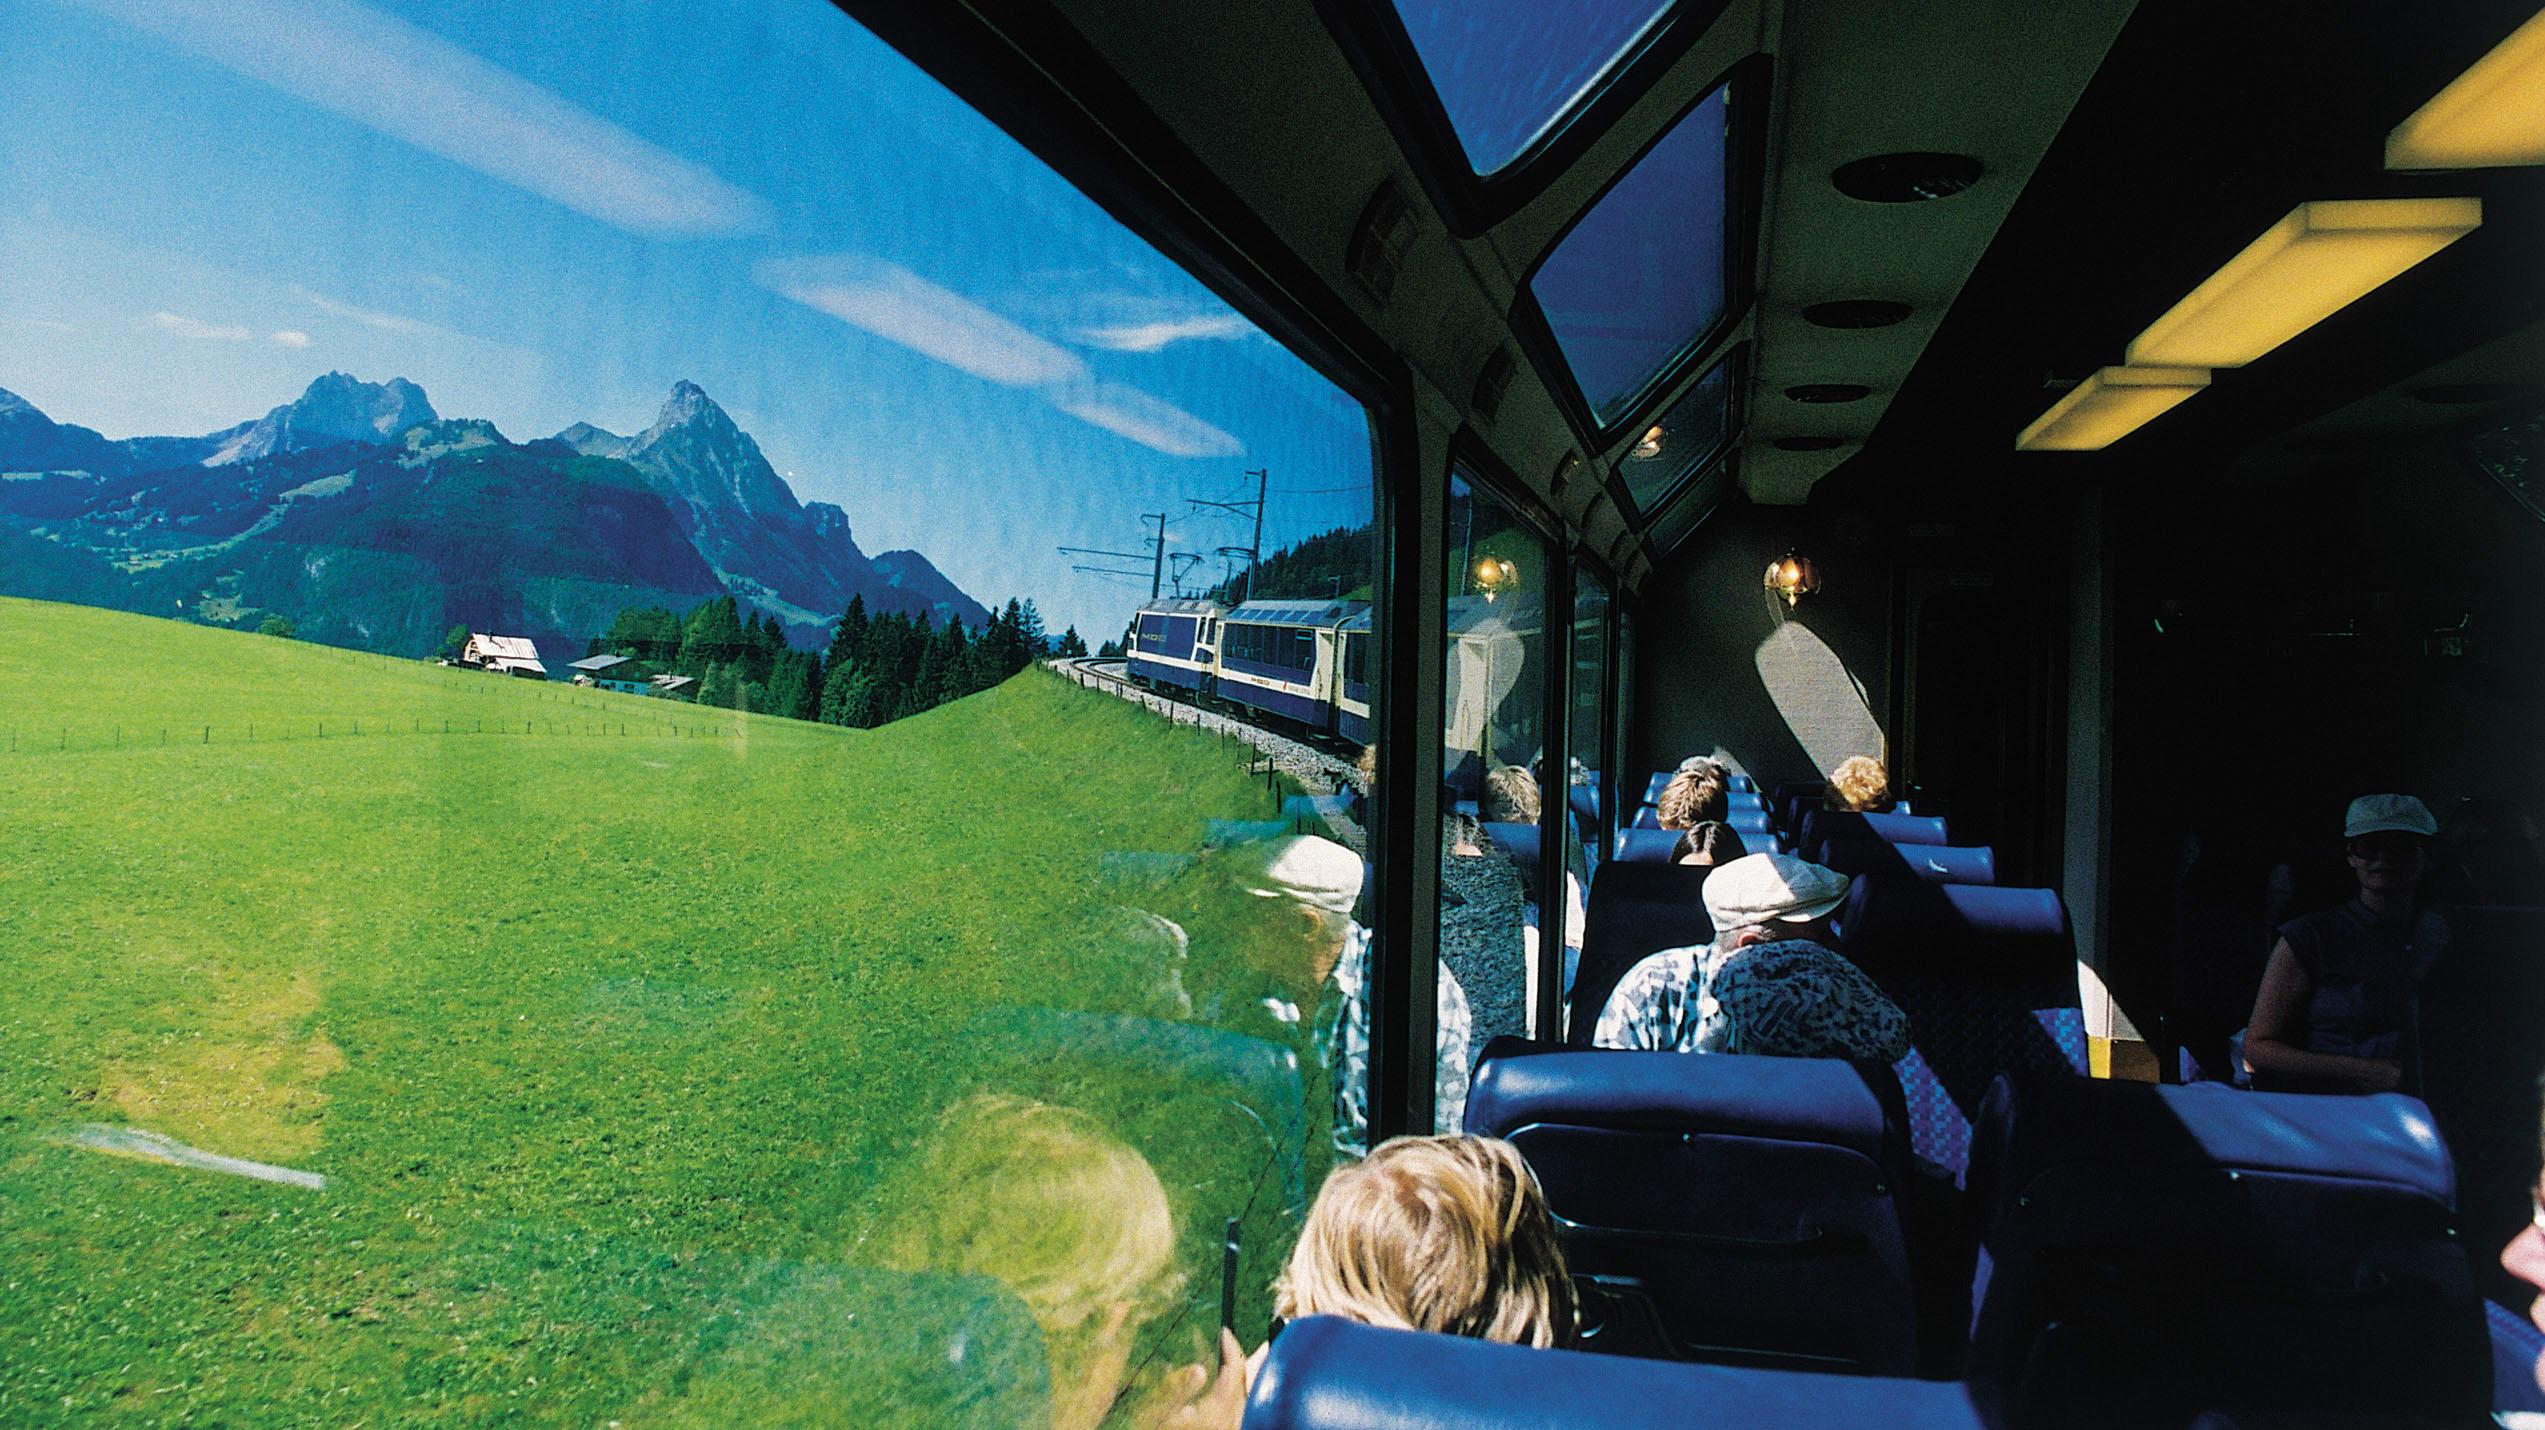 瑞士國鐵 SBB 官方瑞士旅行通票 SwissTravelPass 連續电子票